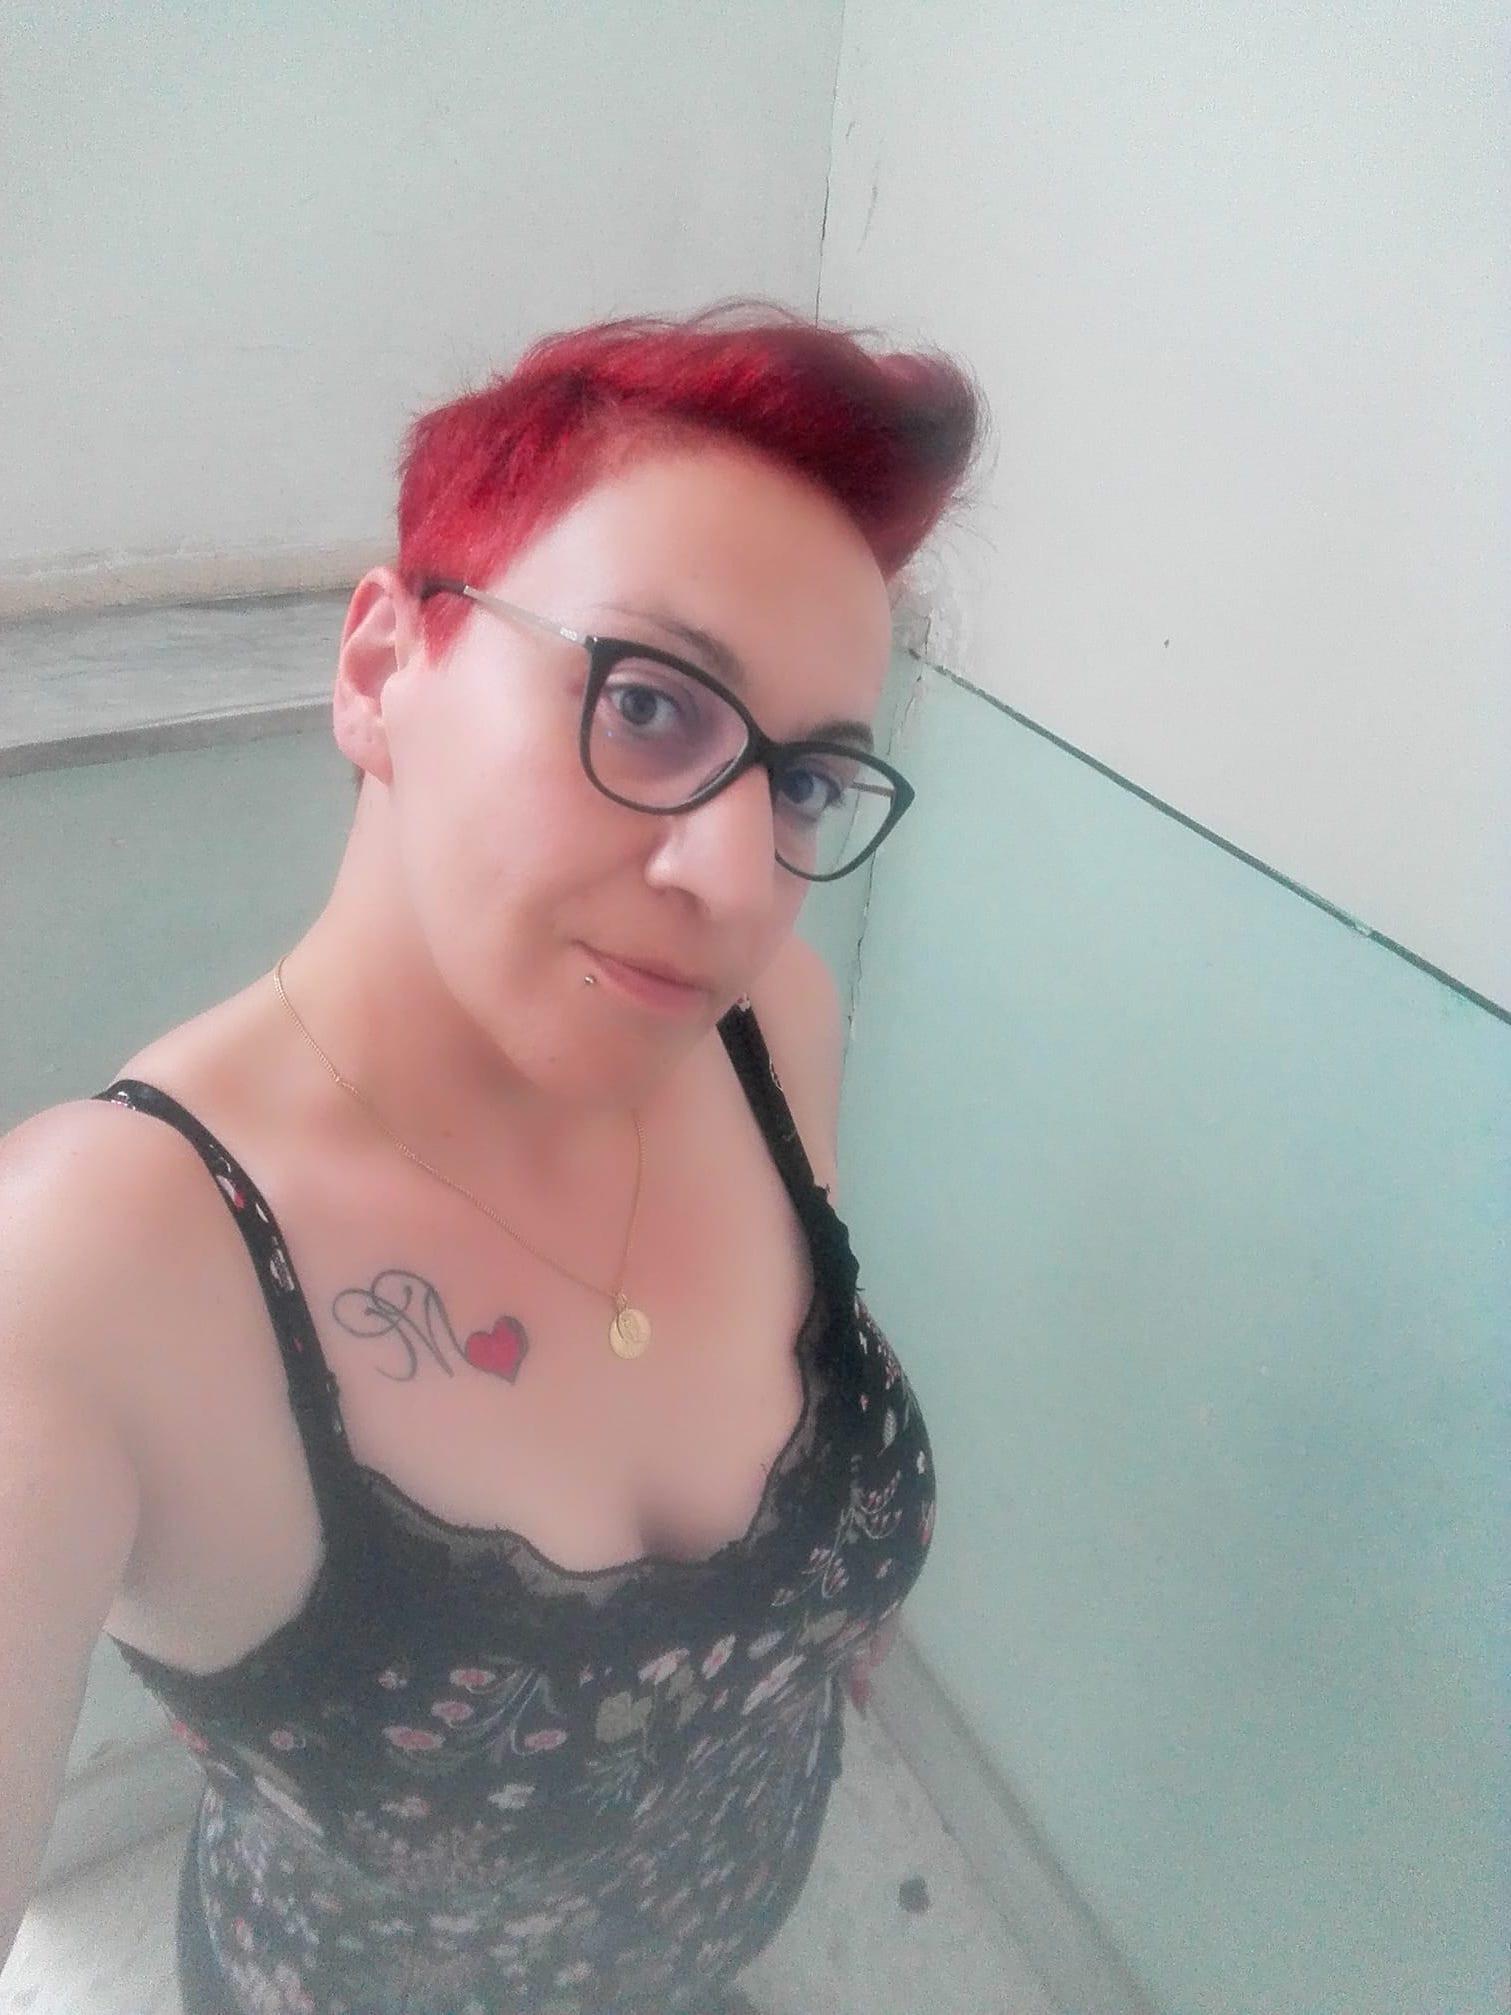 Je suis une salope pour du sexe gratuit